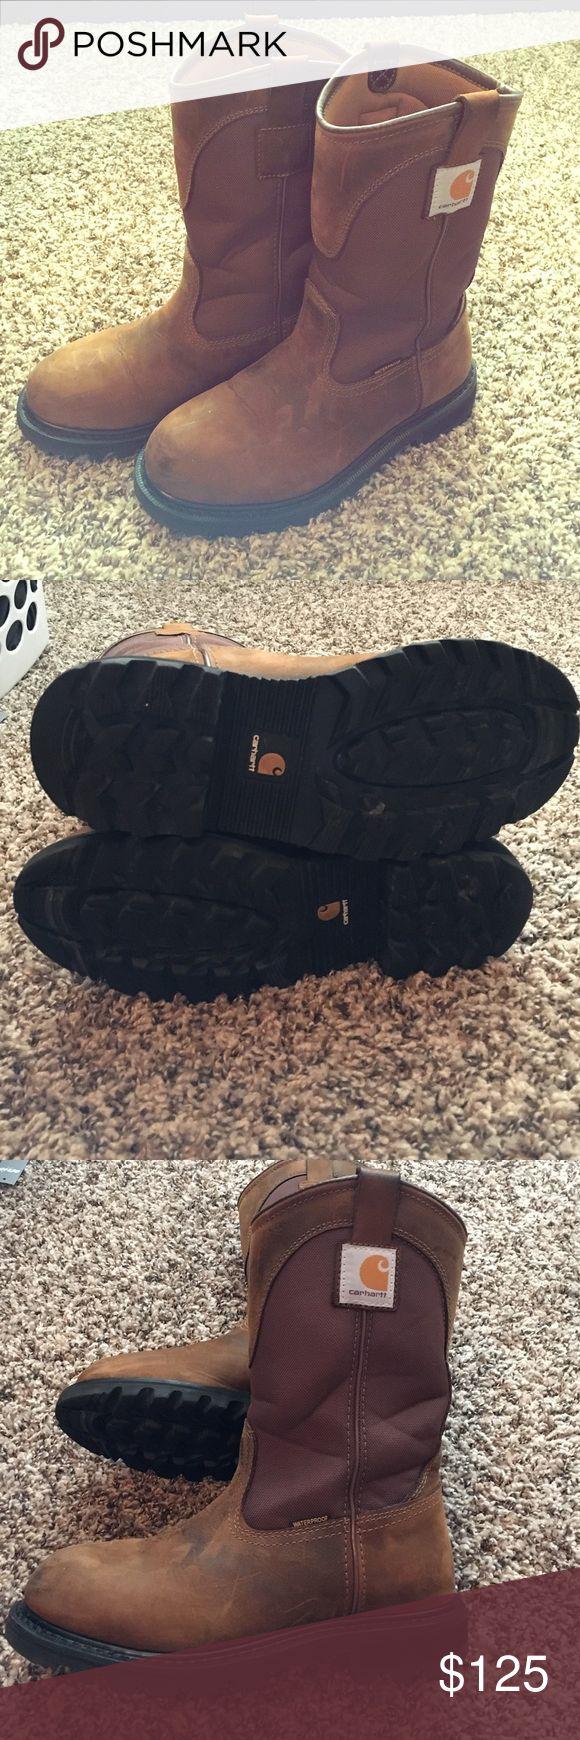 Women's Carhartt Wellington boot Great condition. Worn look waterproof Carhartt Shoes Combat & Moto Boots